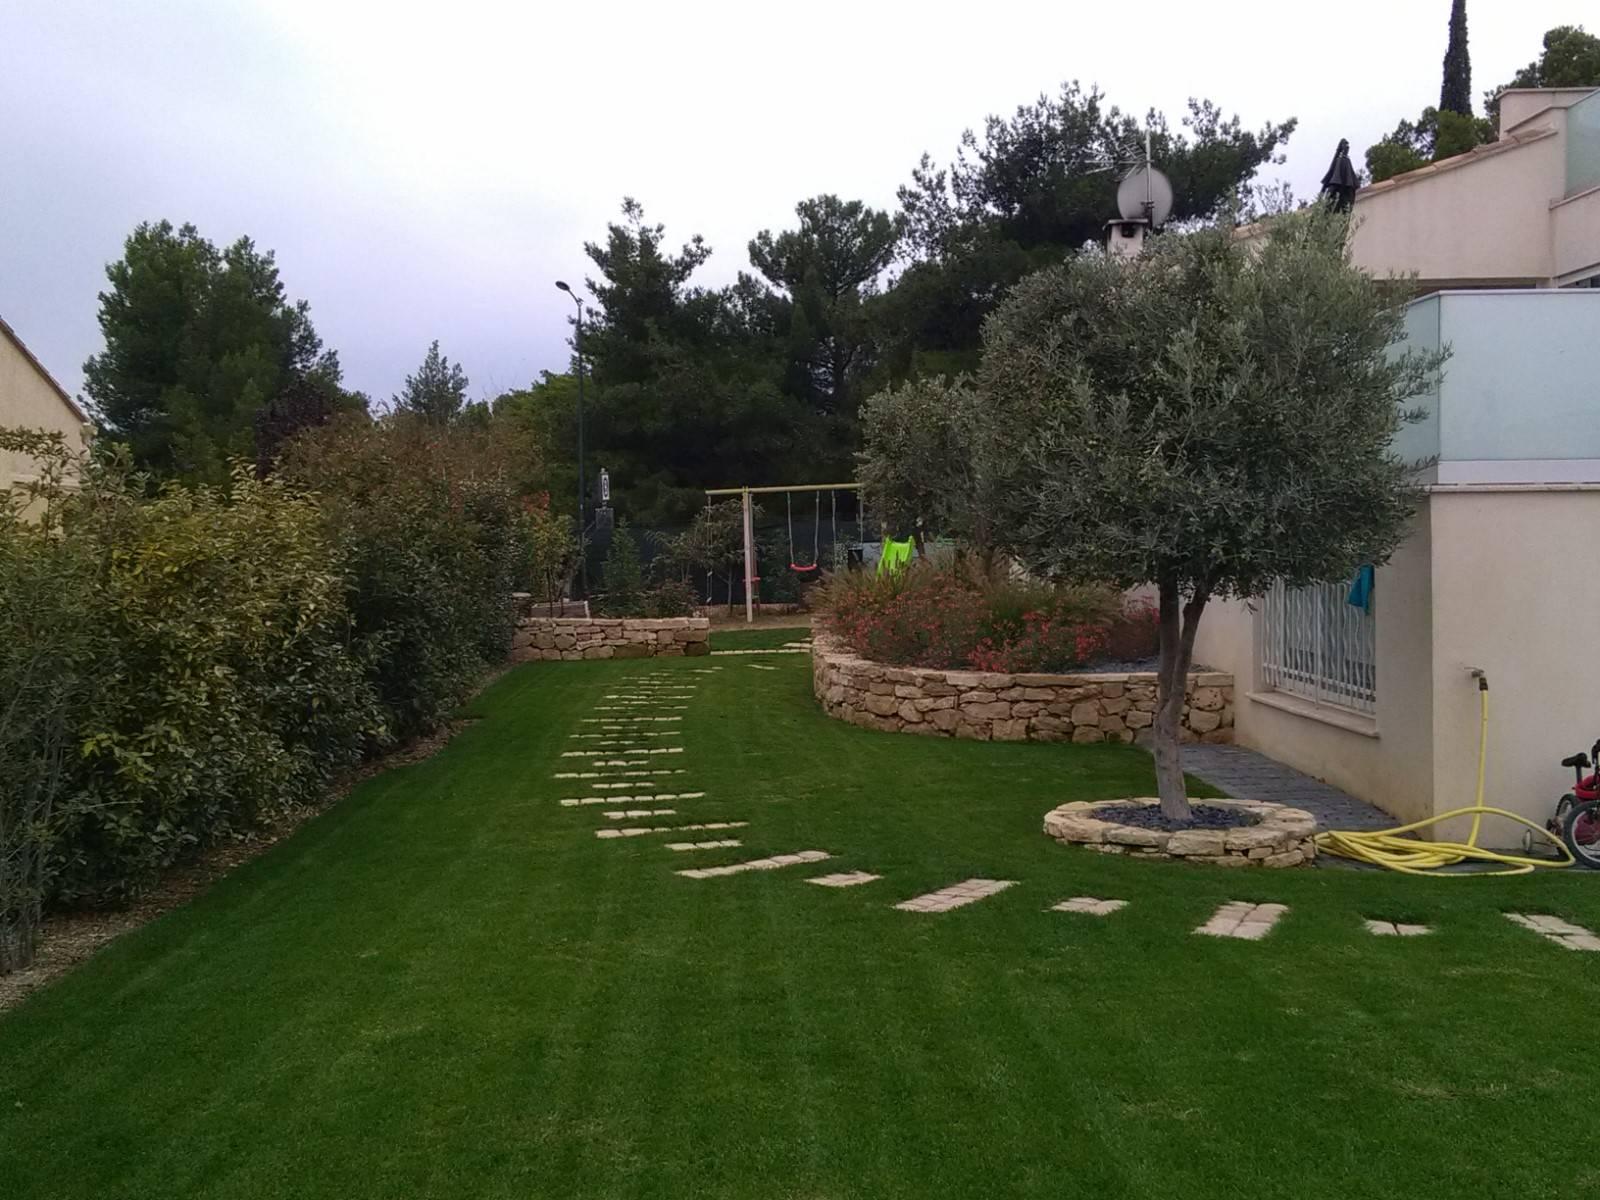 Aménagement D'un Jardin Devant Une Maison À Berre L'etang ... dedans Jardin Devant Maison